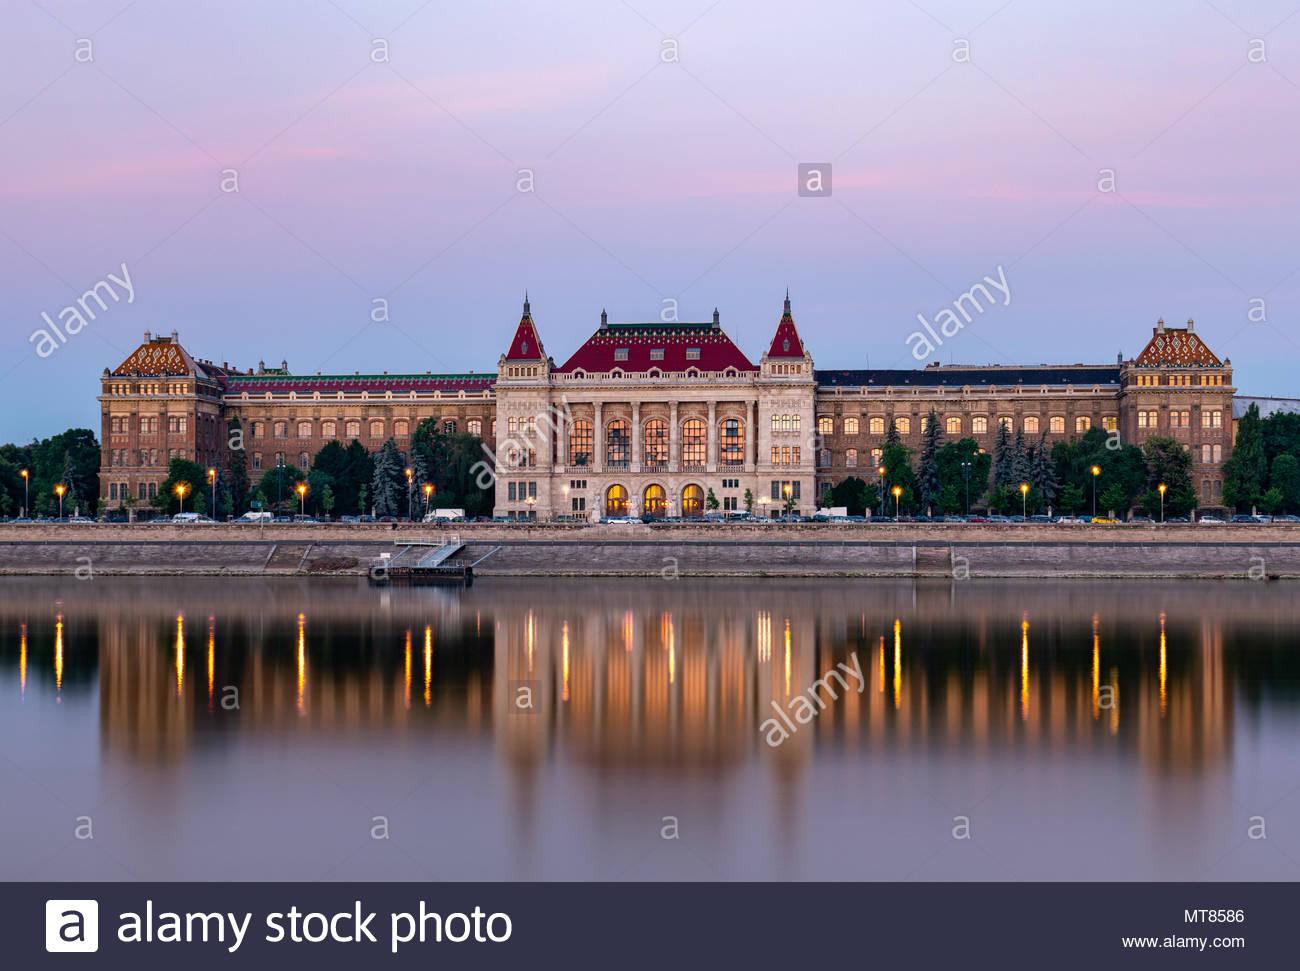 Budapest University of Technology and Economics, main building, at dusk, Budapesti Műszaki és Gazdaságtudományi Egyetem, központi épület - Stock Image